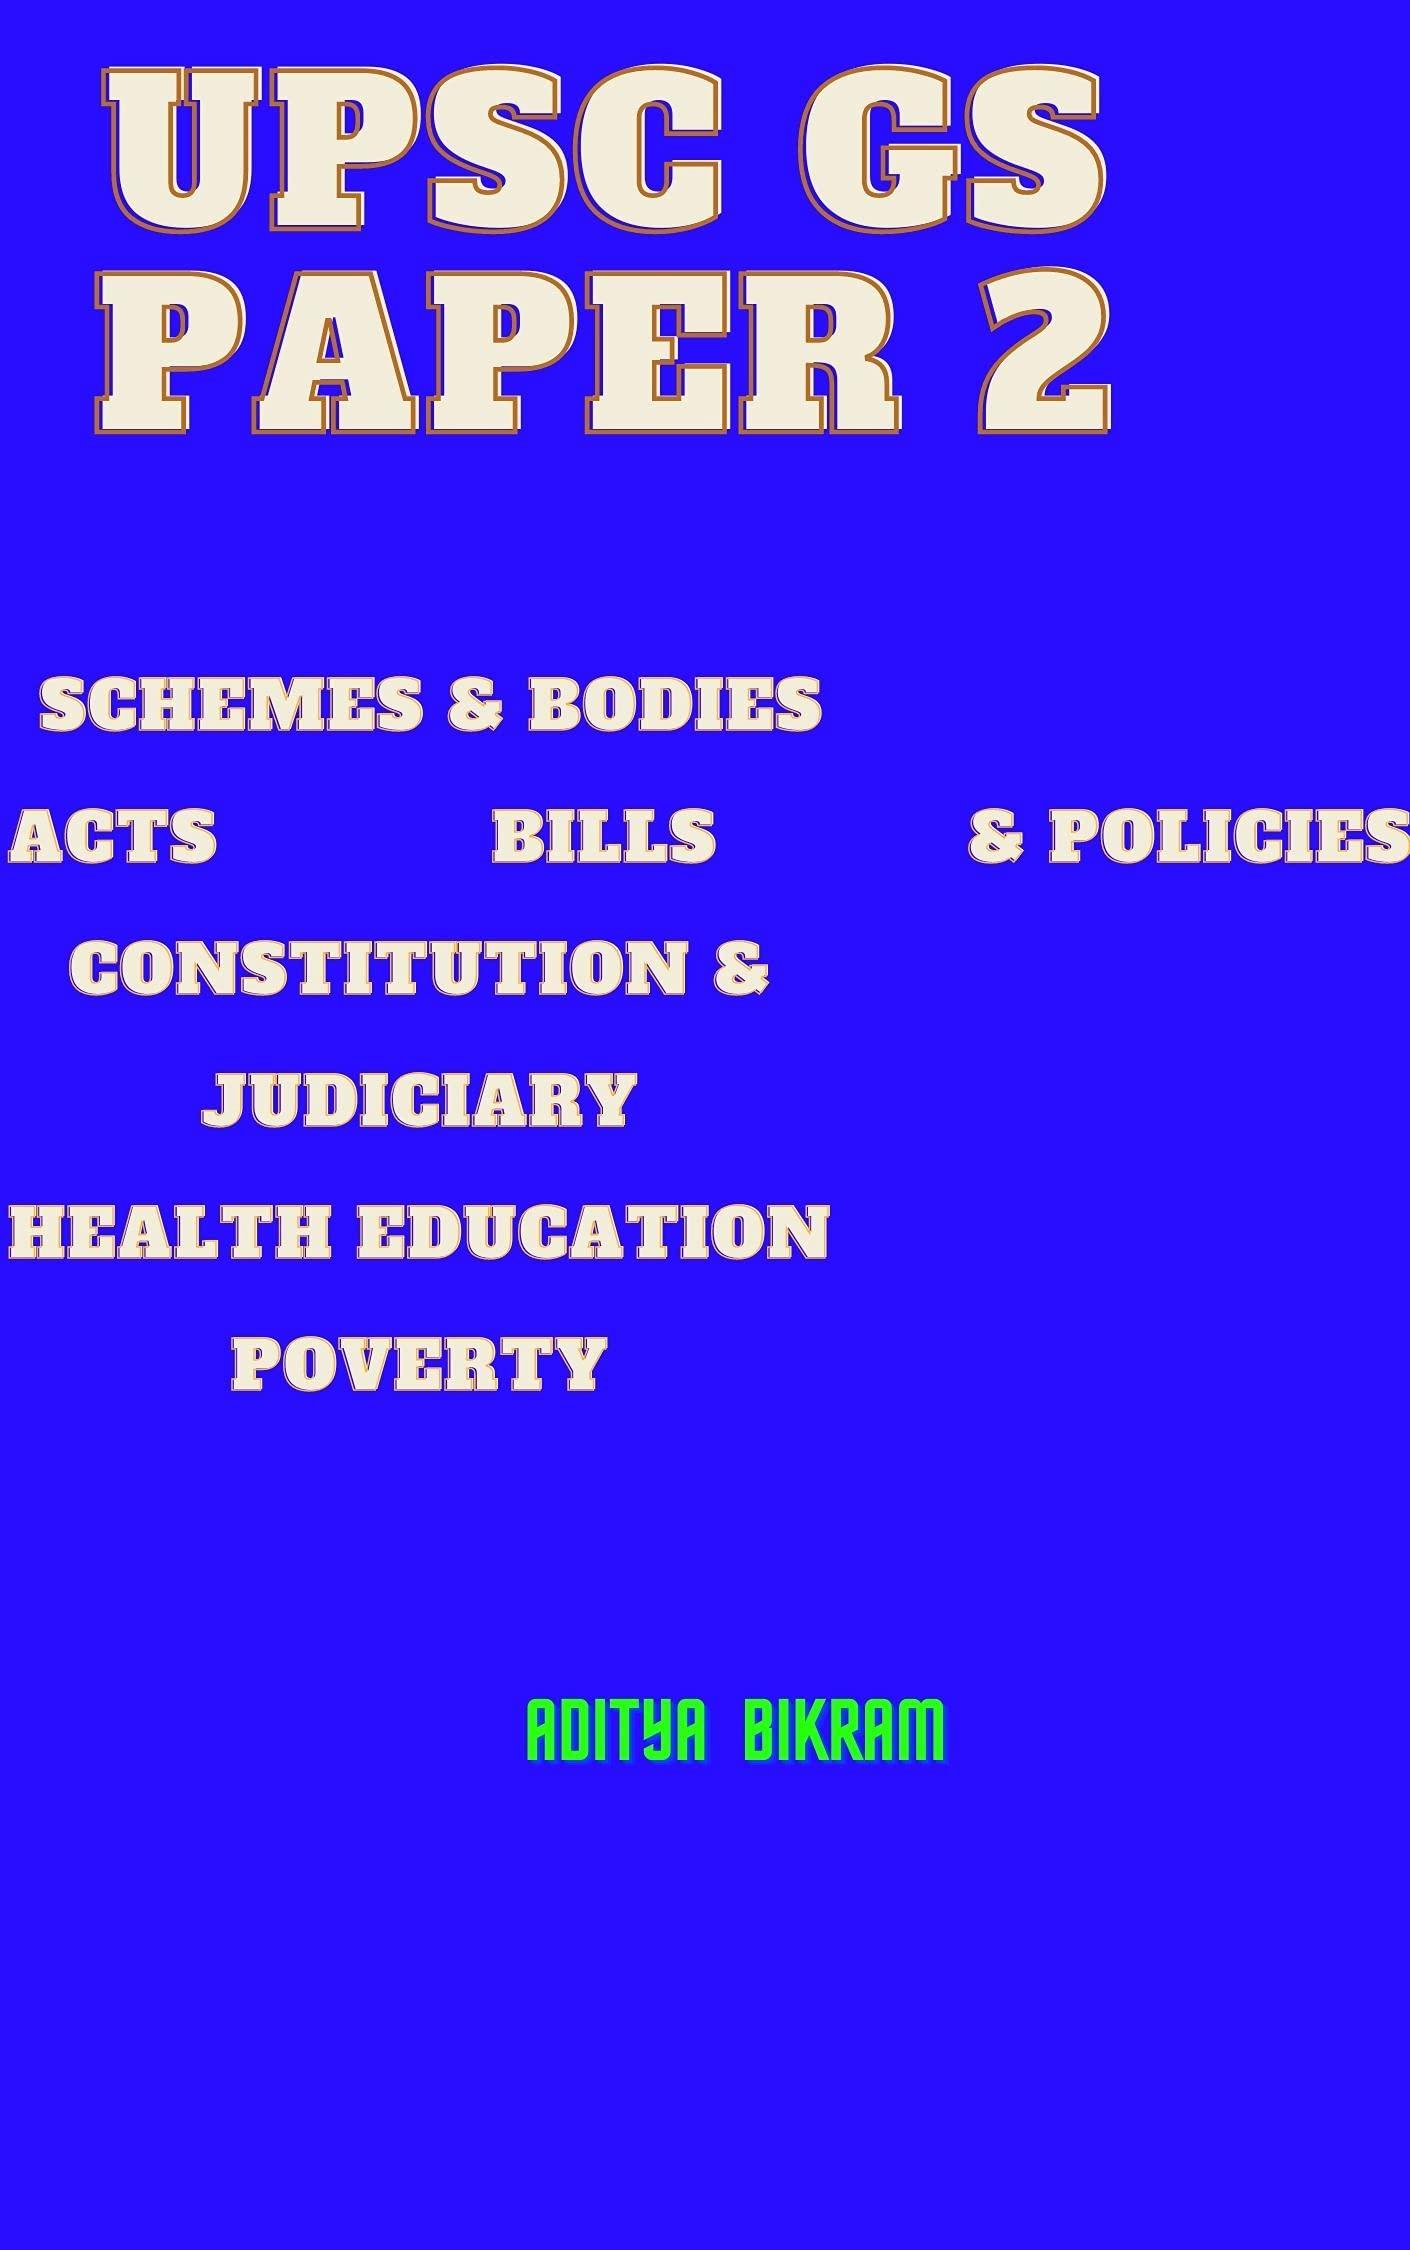 UPSC GS PAPER 2